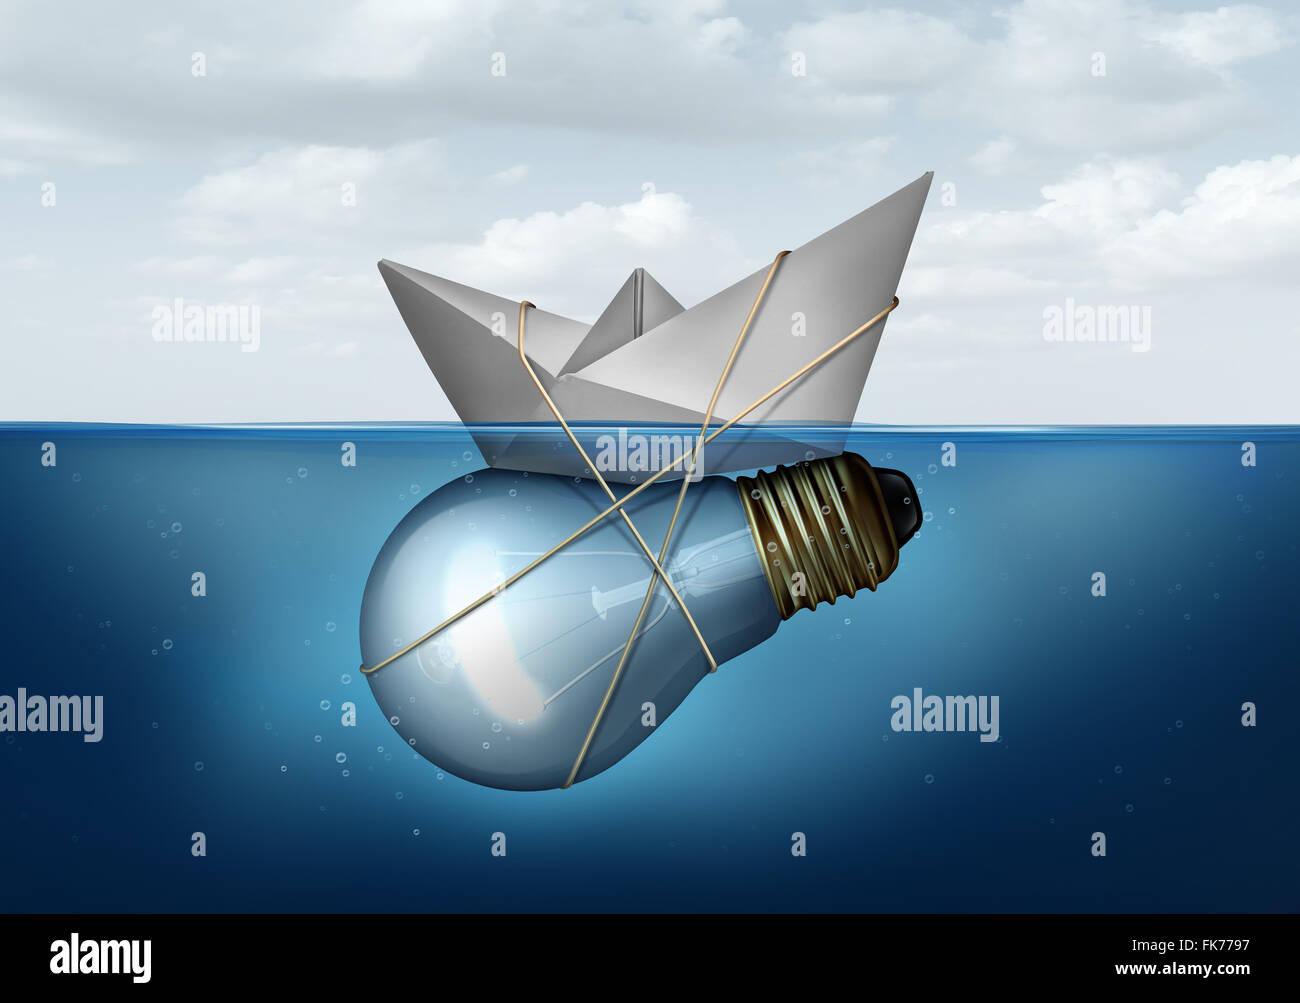 Business solution innovante et créative concept comme un bateau de papier liée à une ampoule ampoule Photo Stock